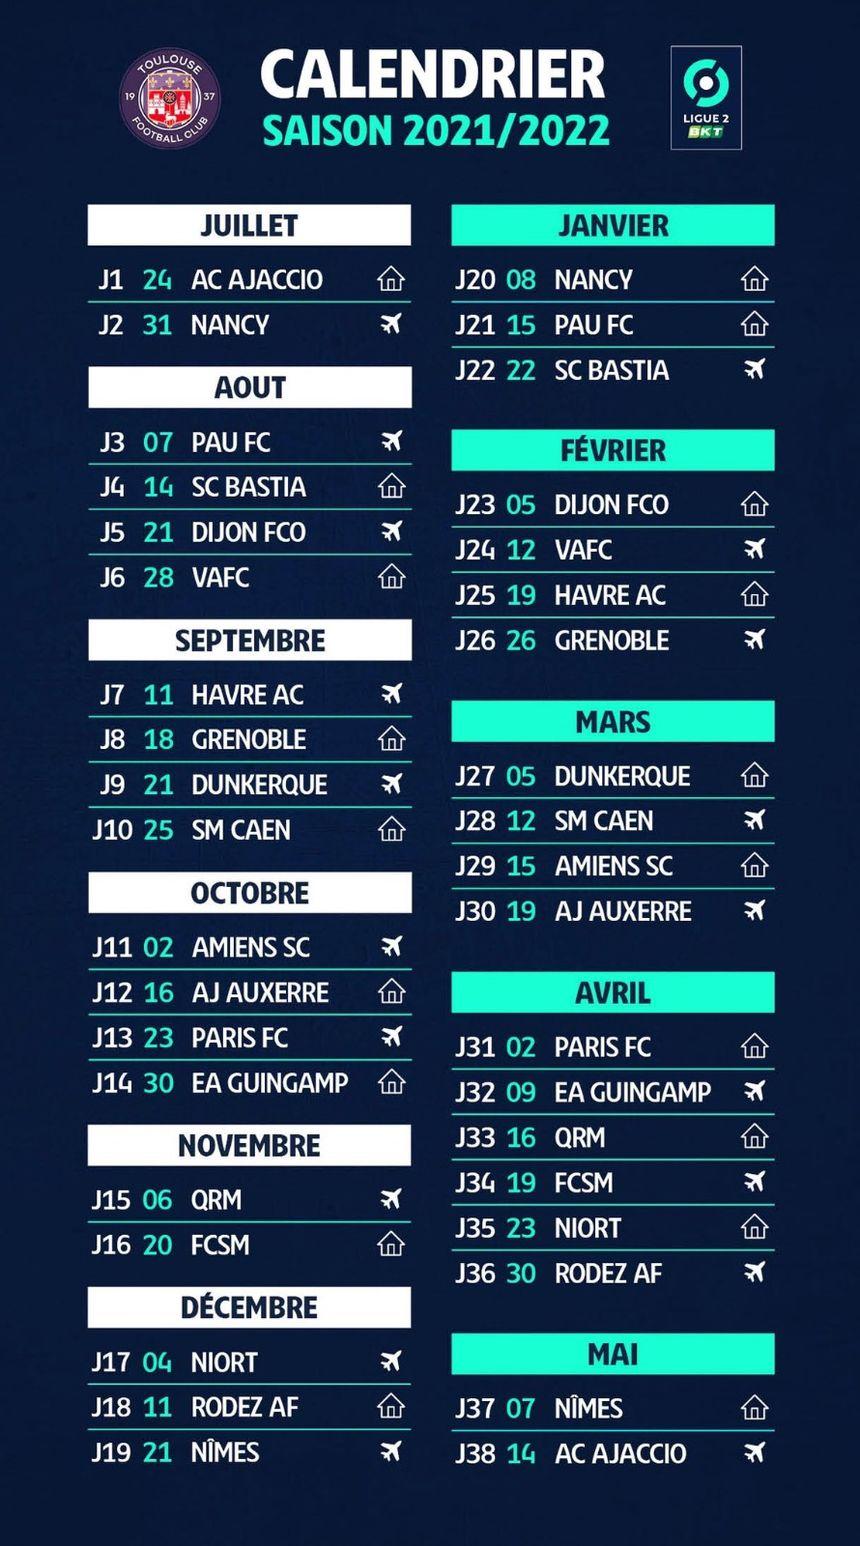 Calendrier Tfc 2022 Ligue 2 : le calendrier du Toulouse FC pour la saison 2021 2022